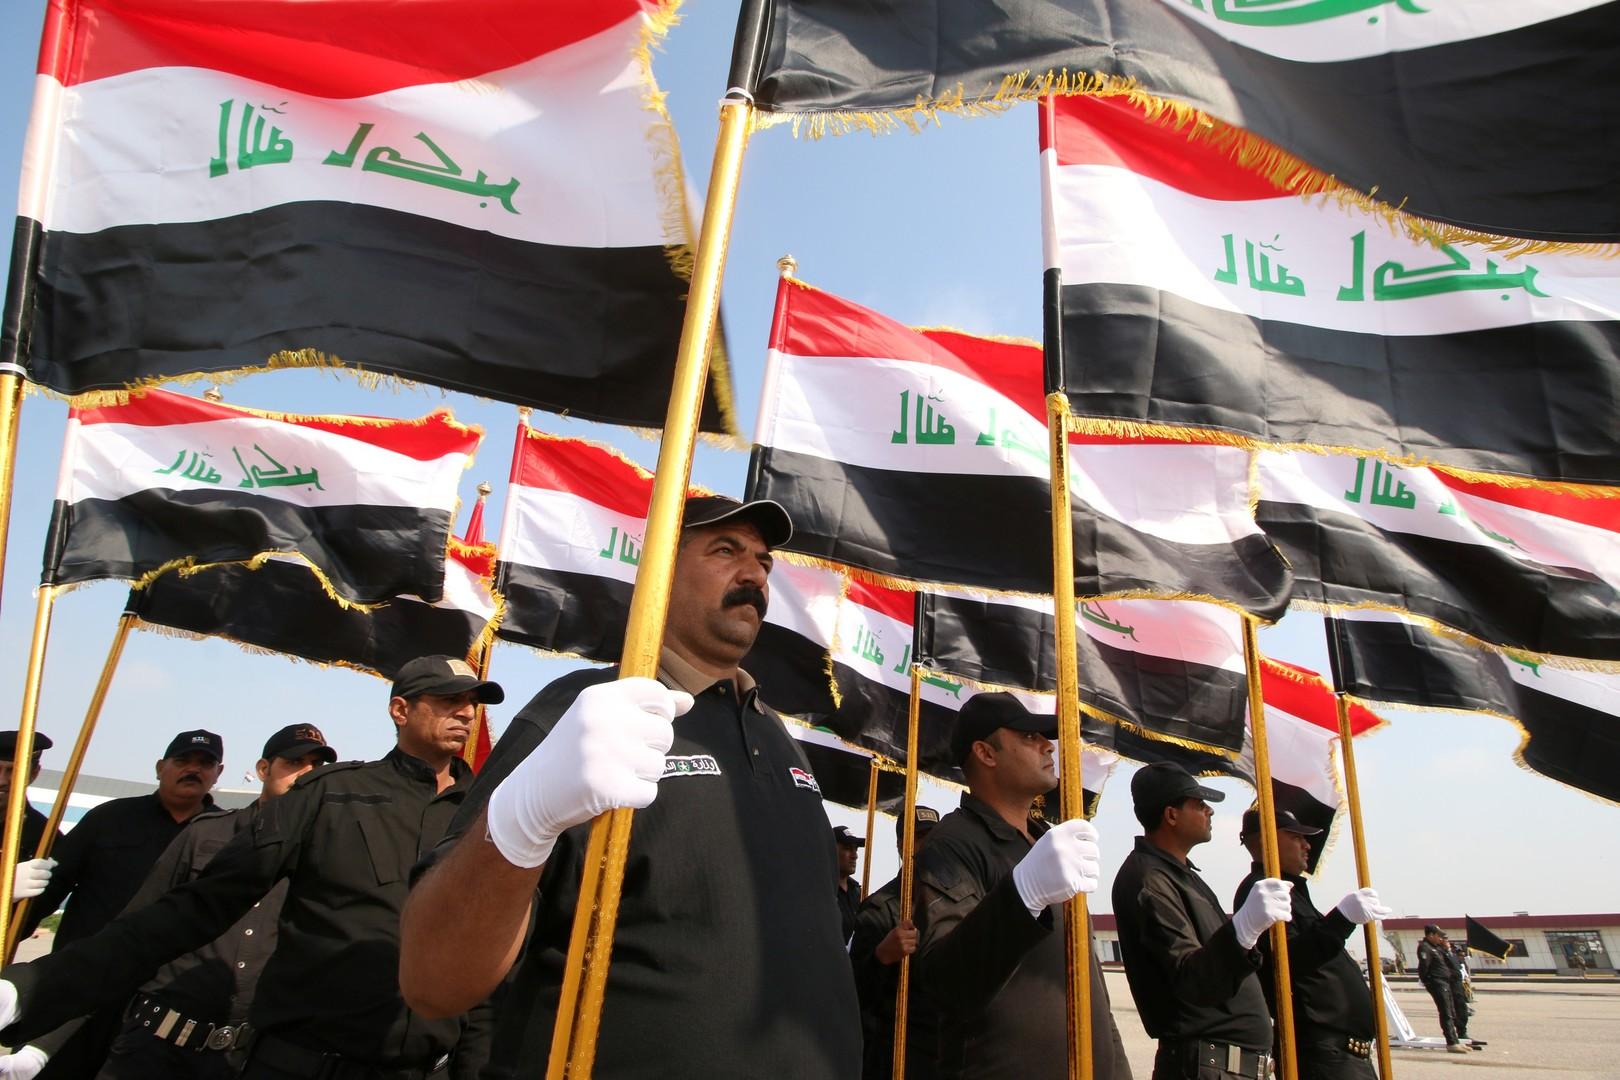 ائتلاف العبادي: العراق سيواجه أزمة مالية ستكون لها تداعيات اجتماعية واقتصادية